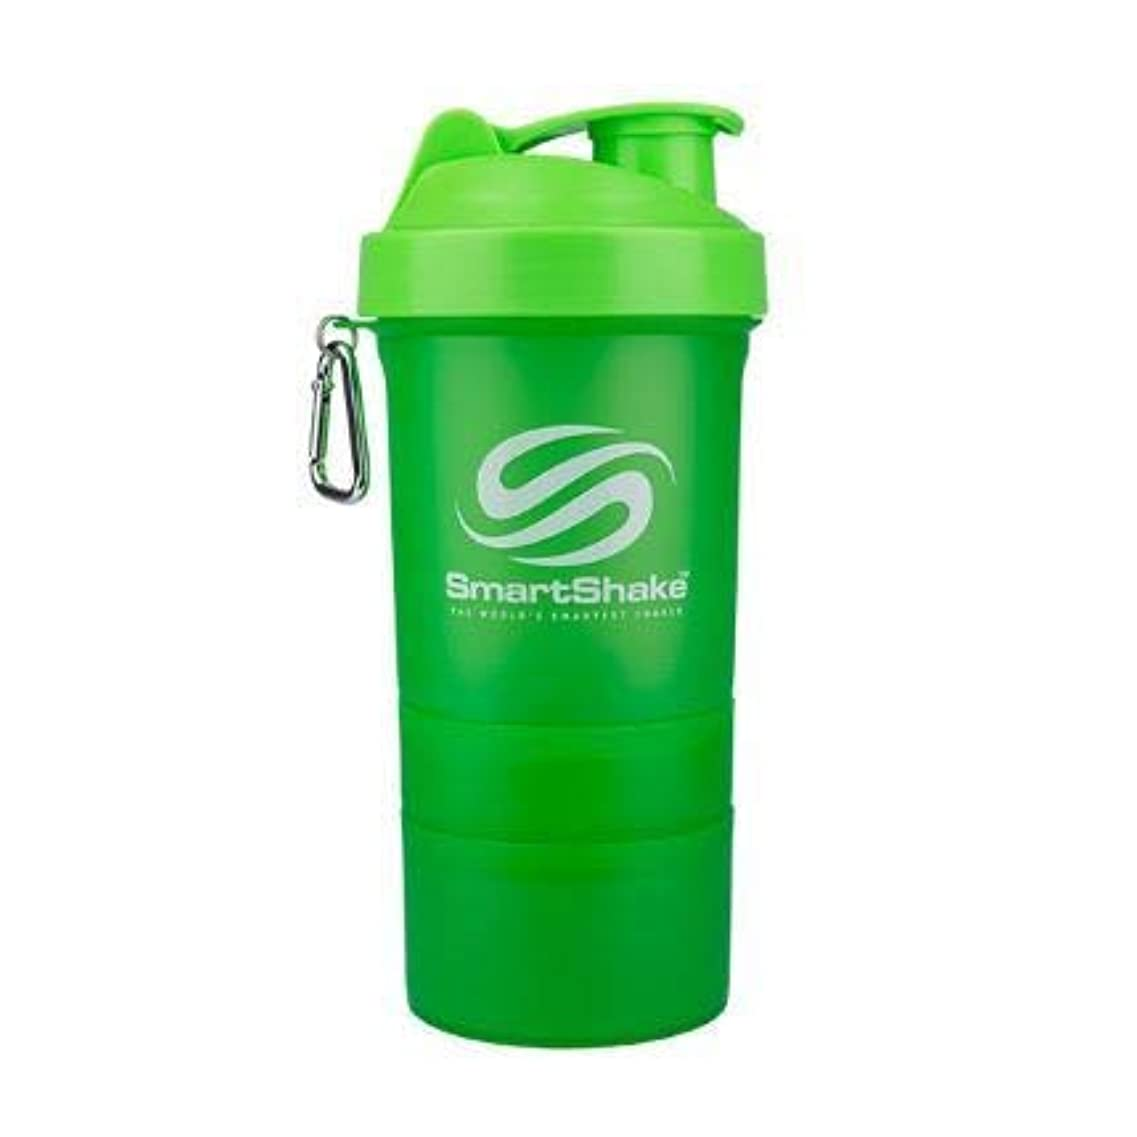 幽霊辞任するおなじみのSmartshake英国株式会社Smartshake Smartshakeボトル-ネオングリーン1×600ミリリットル(それ)